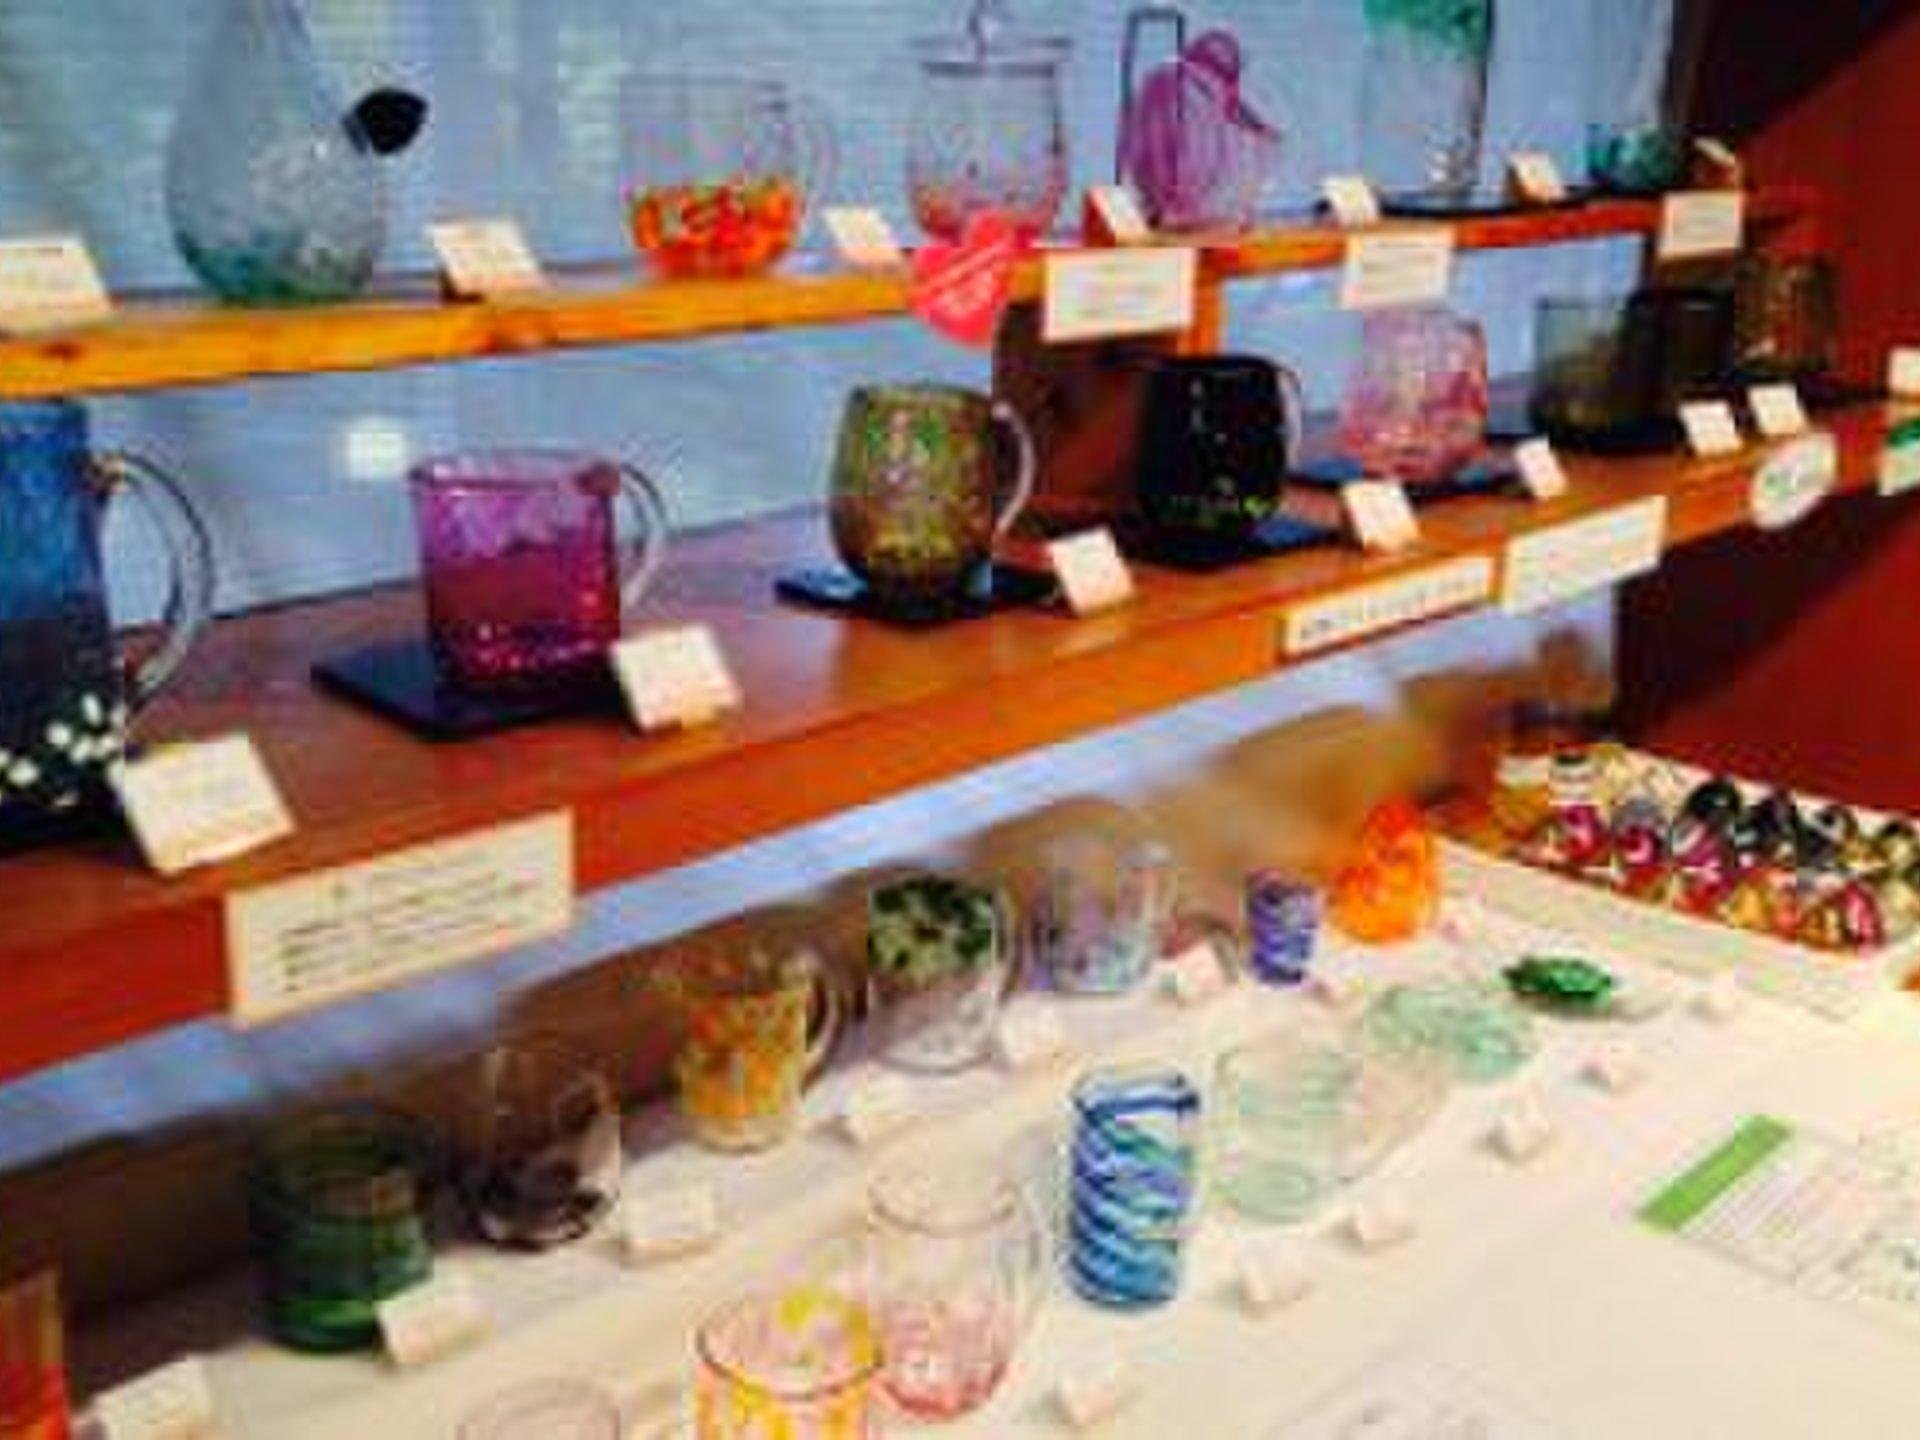 【神奈川県箱根で日帰りデート】陶芸やガラス細工の体験・温泉のおすすめスポットでのんびりデート!